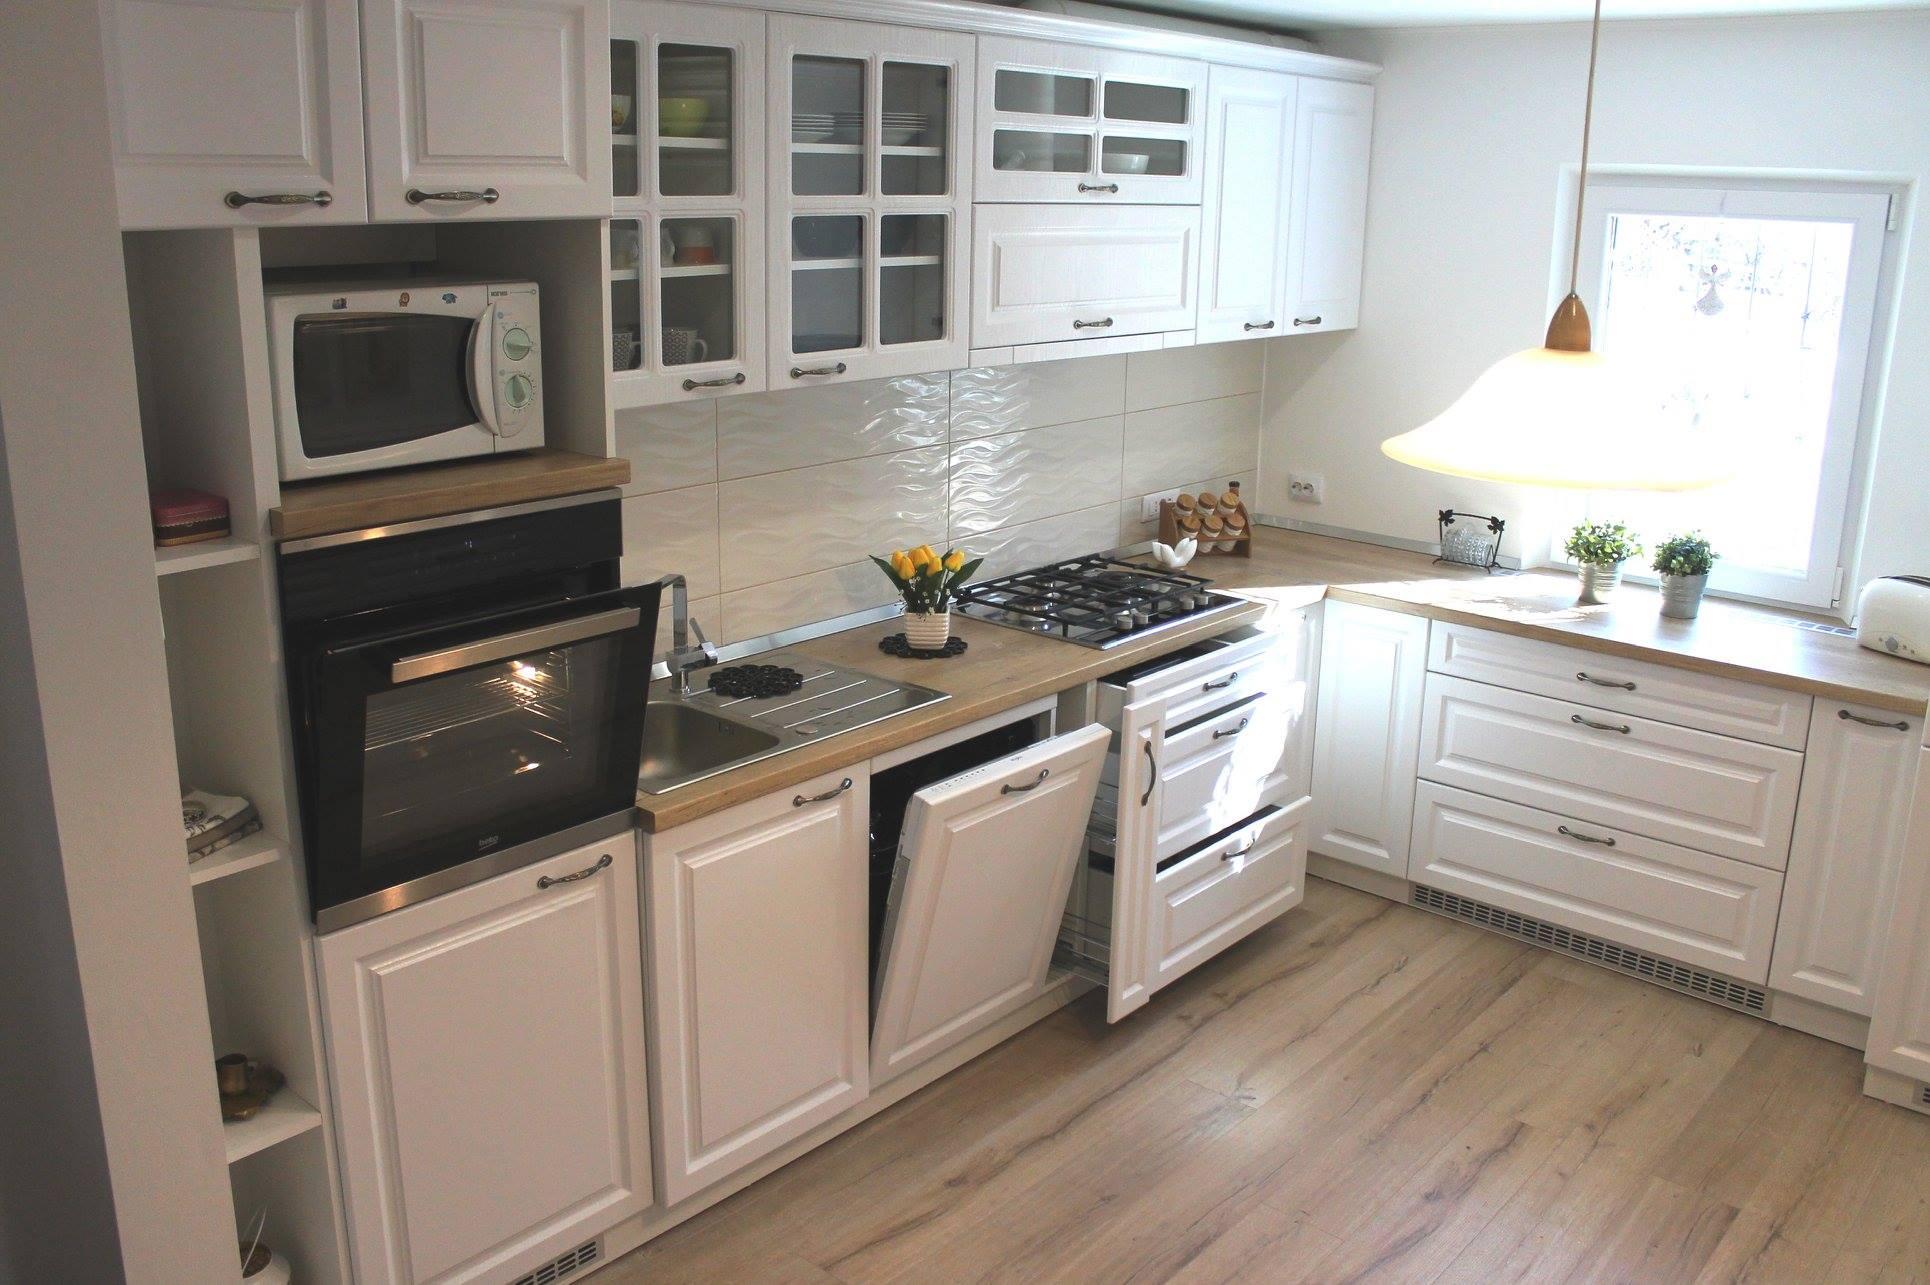 bucatarii, bucatarie, mobila, bucatarie ieftina, mobilier bucatarie, bucatari mici, modele bucatarii, mobila de bucatarie ieftine, model de bucatarii, bucatarii albe, mobila bucatarie pret ieftin, mobila bucatarie mica modele, bucatarii moderne, bucatari clasice, modele bucatari, blat bucatarie dimensiuni, bucatarii mici moderne, bucatarii moderne de apartament, bucatarii apartament, bucatarii moderne mici, bucatarii cu living, mobila bucatarie preturi mici, mobila ieftina bucatarie, bucatarii crem, mobila bucatarie clasica bucatarie rosu, bucatarie rosie, mobila alba bucatarie, bucatarii rosii, oferta mobila bucatarie, blat mobila bucatarie, bancheta bucatarie, mobila de bucatarii, mobile bucatarie, mobilier de bucatarie, mobile de bucatarie mobila, bucatarii moderne preturi, mobila bucatarie, bucataria mobila, bucatarie moderna pret, mobila de bucatarie pe colt, bucatarii mov, bucatarii preturi, mobila bucatarie moderna, modele de bucatarii, modele mobila bucatarie,